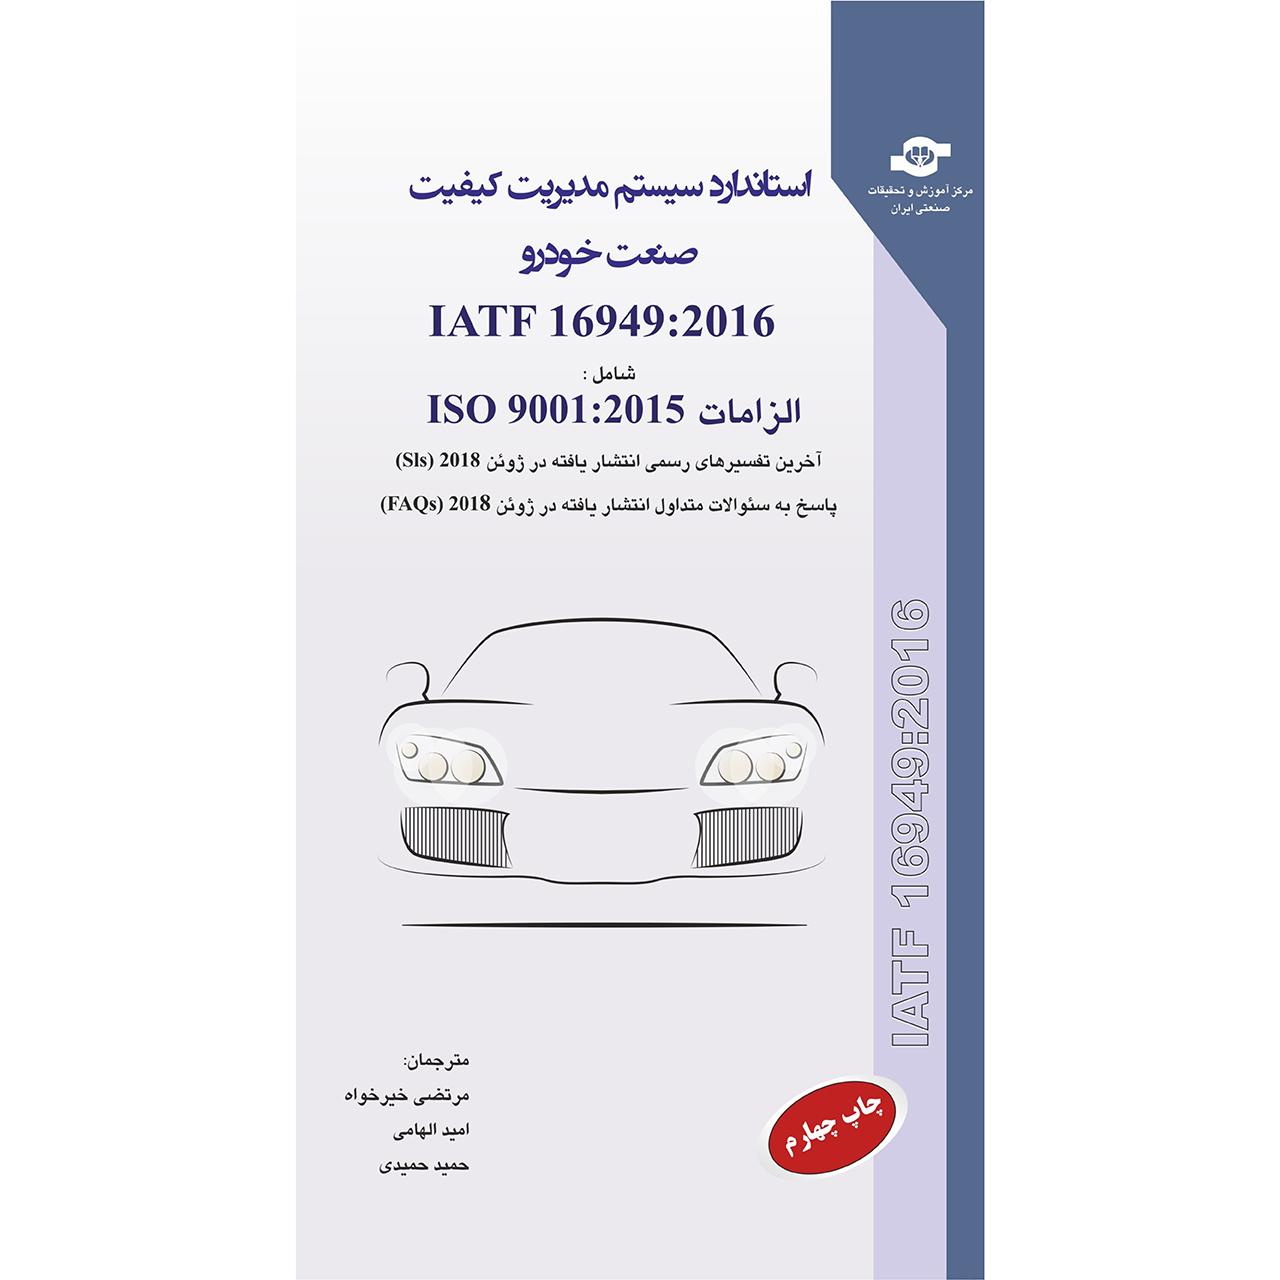 خرید                      کتناب استاندارد سیستم مدیریت کیفیت صنعت خودرو IATF 16949-2016 اثر جمعی از مترجمان